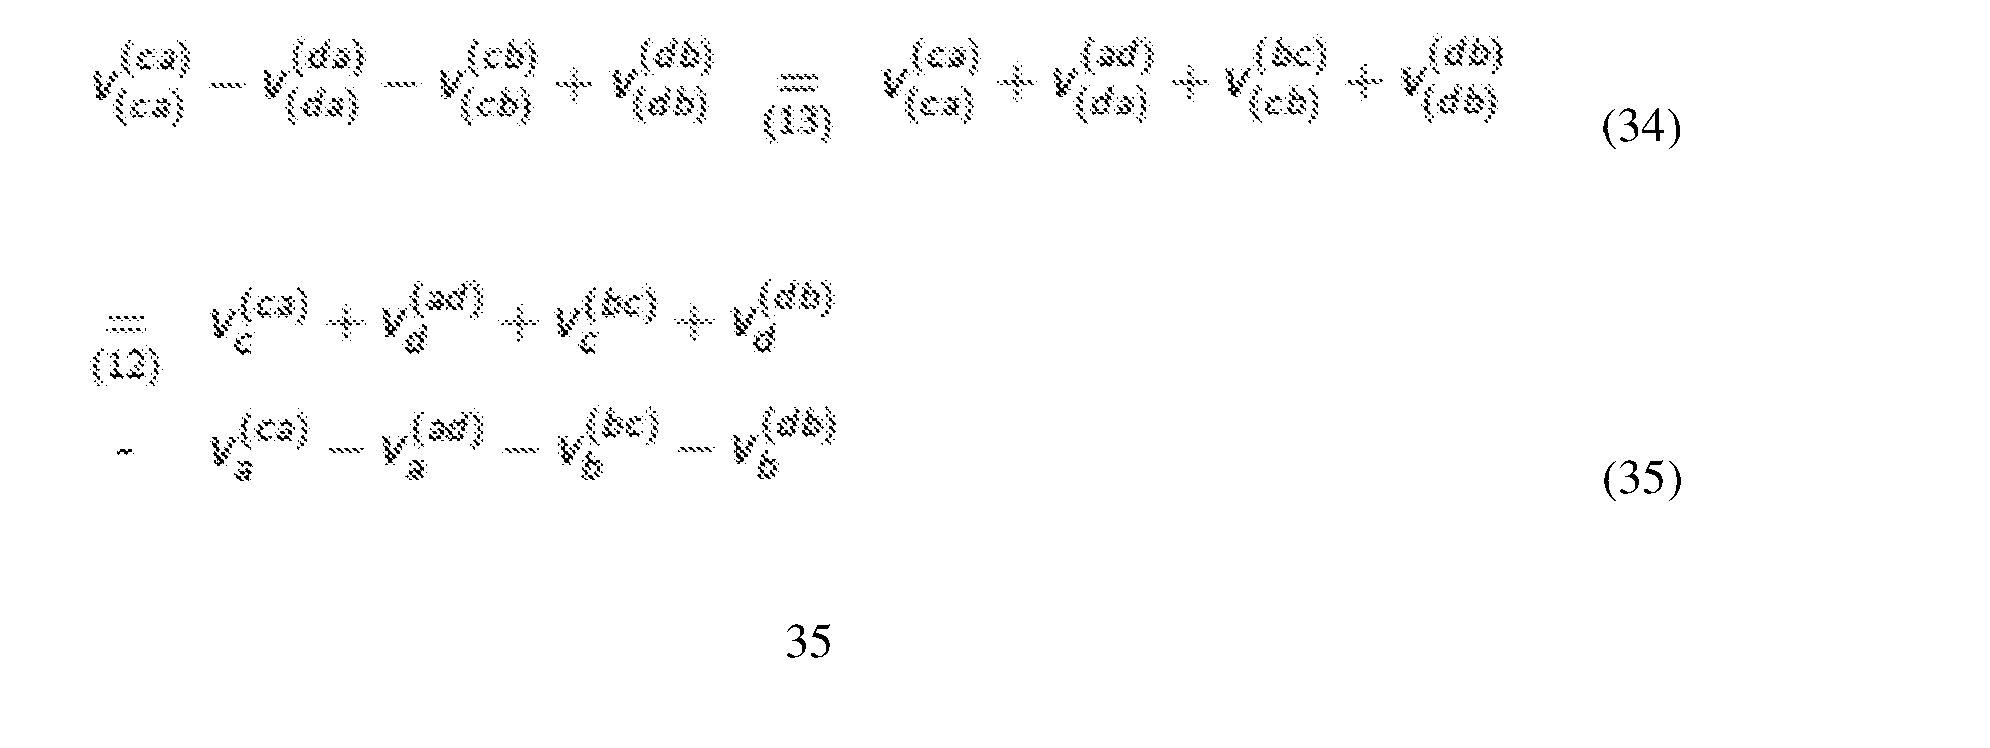 Figure imgf000036_0004